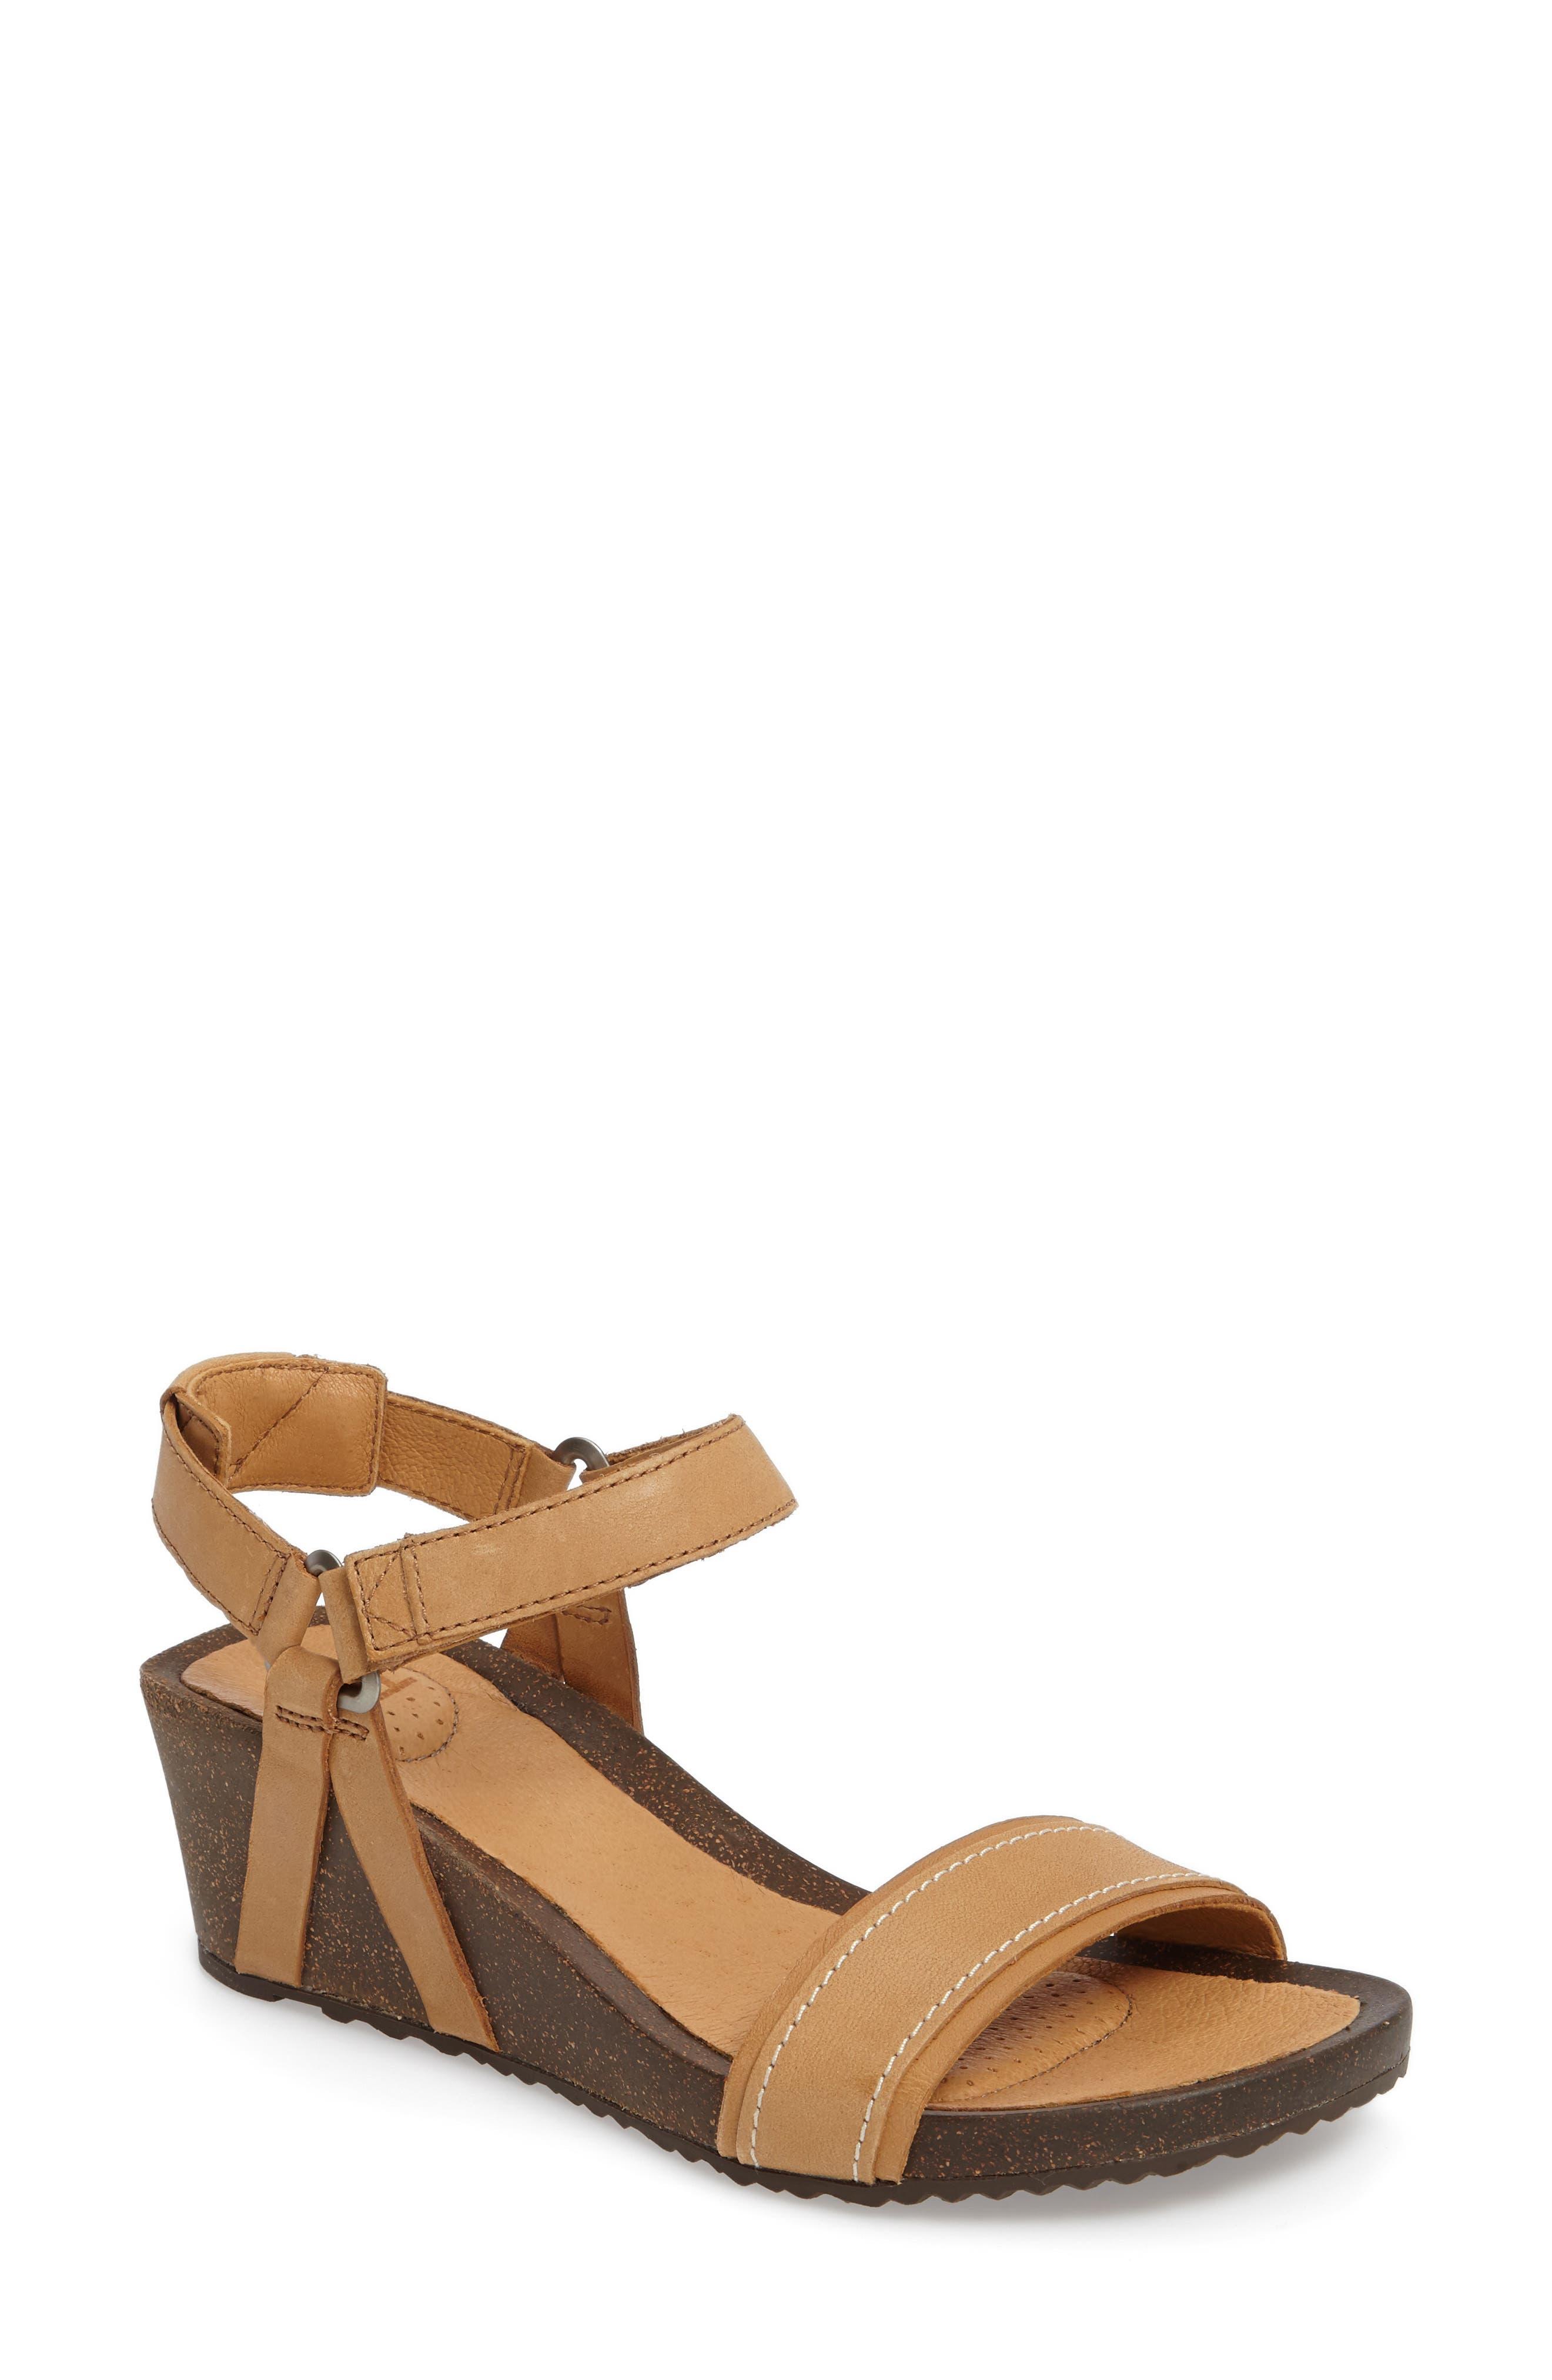 TEVA Ysidro Stitch Wedge Sandal